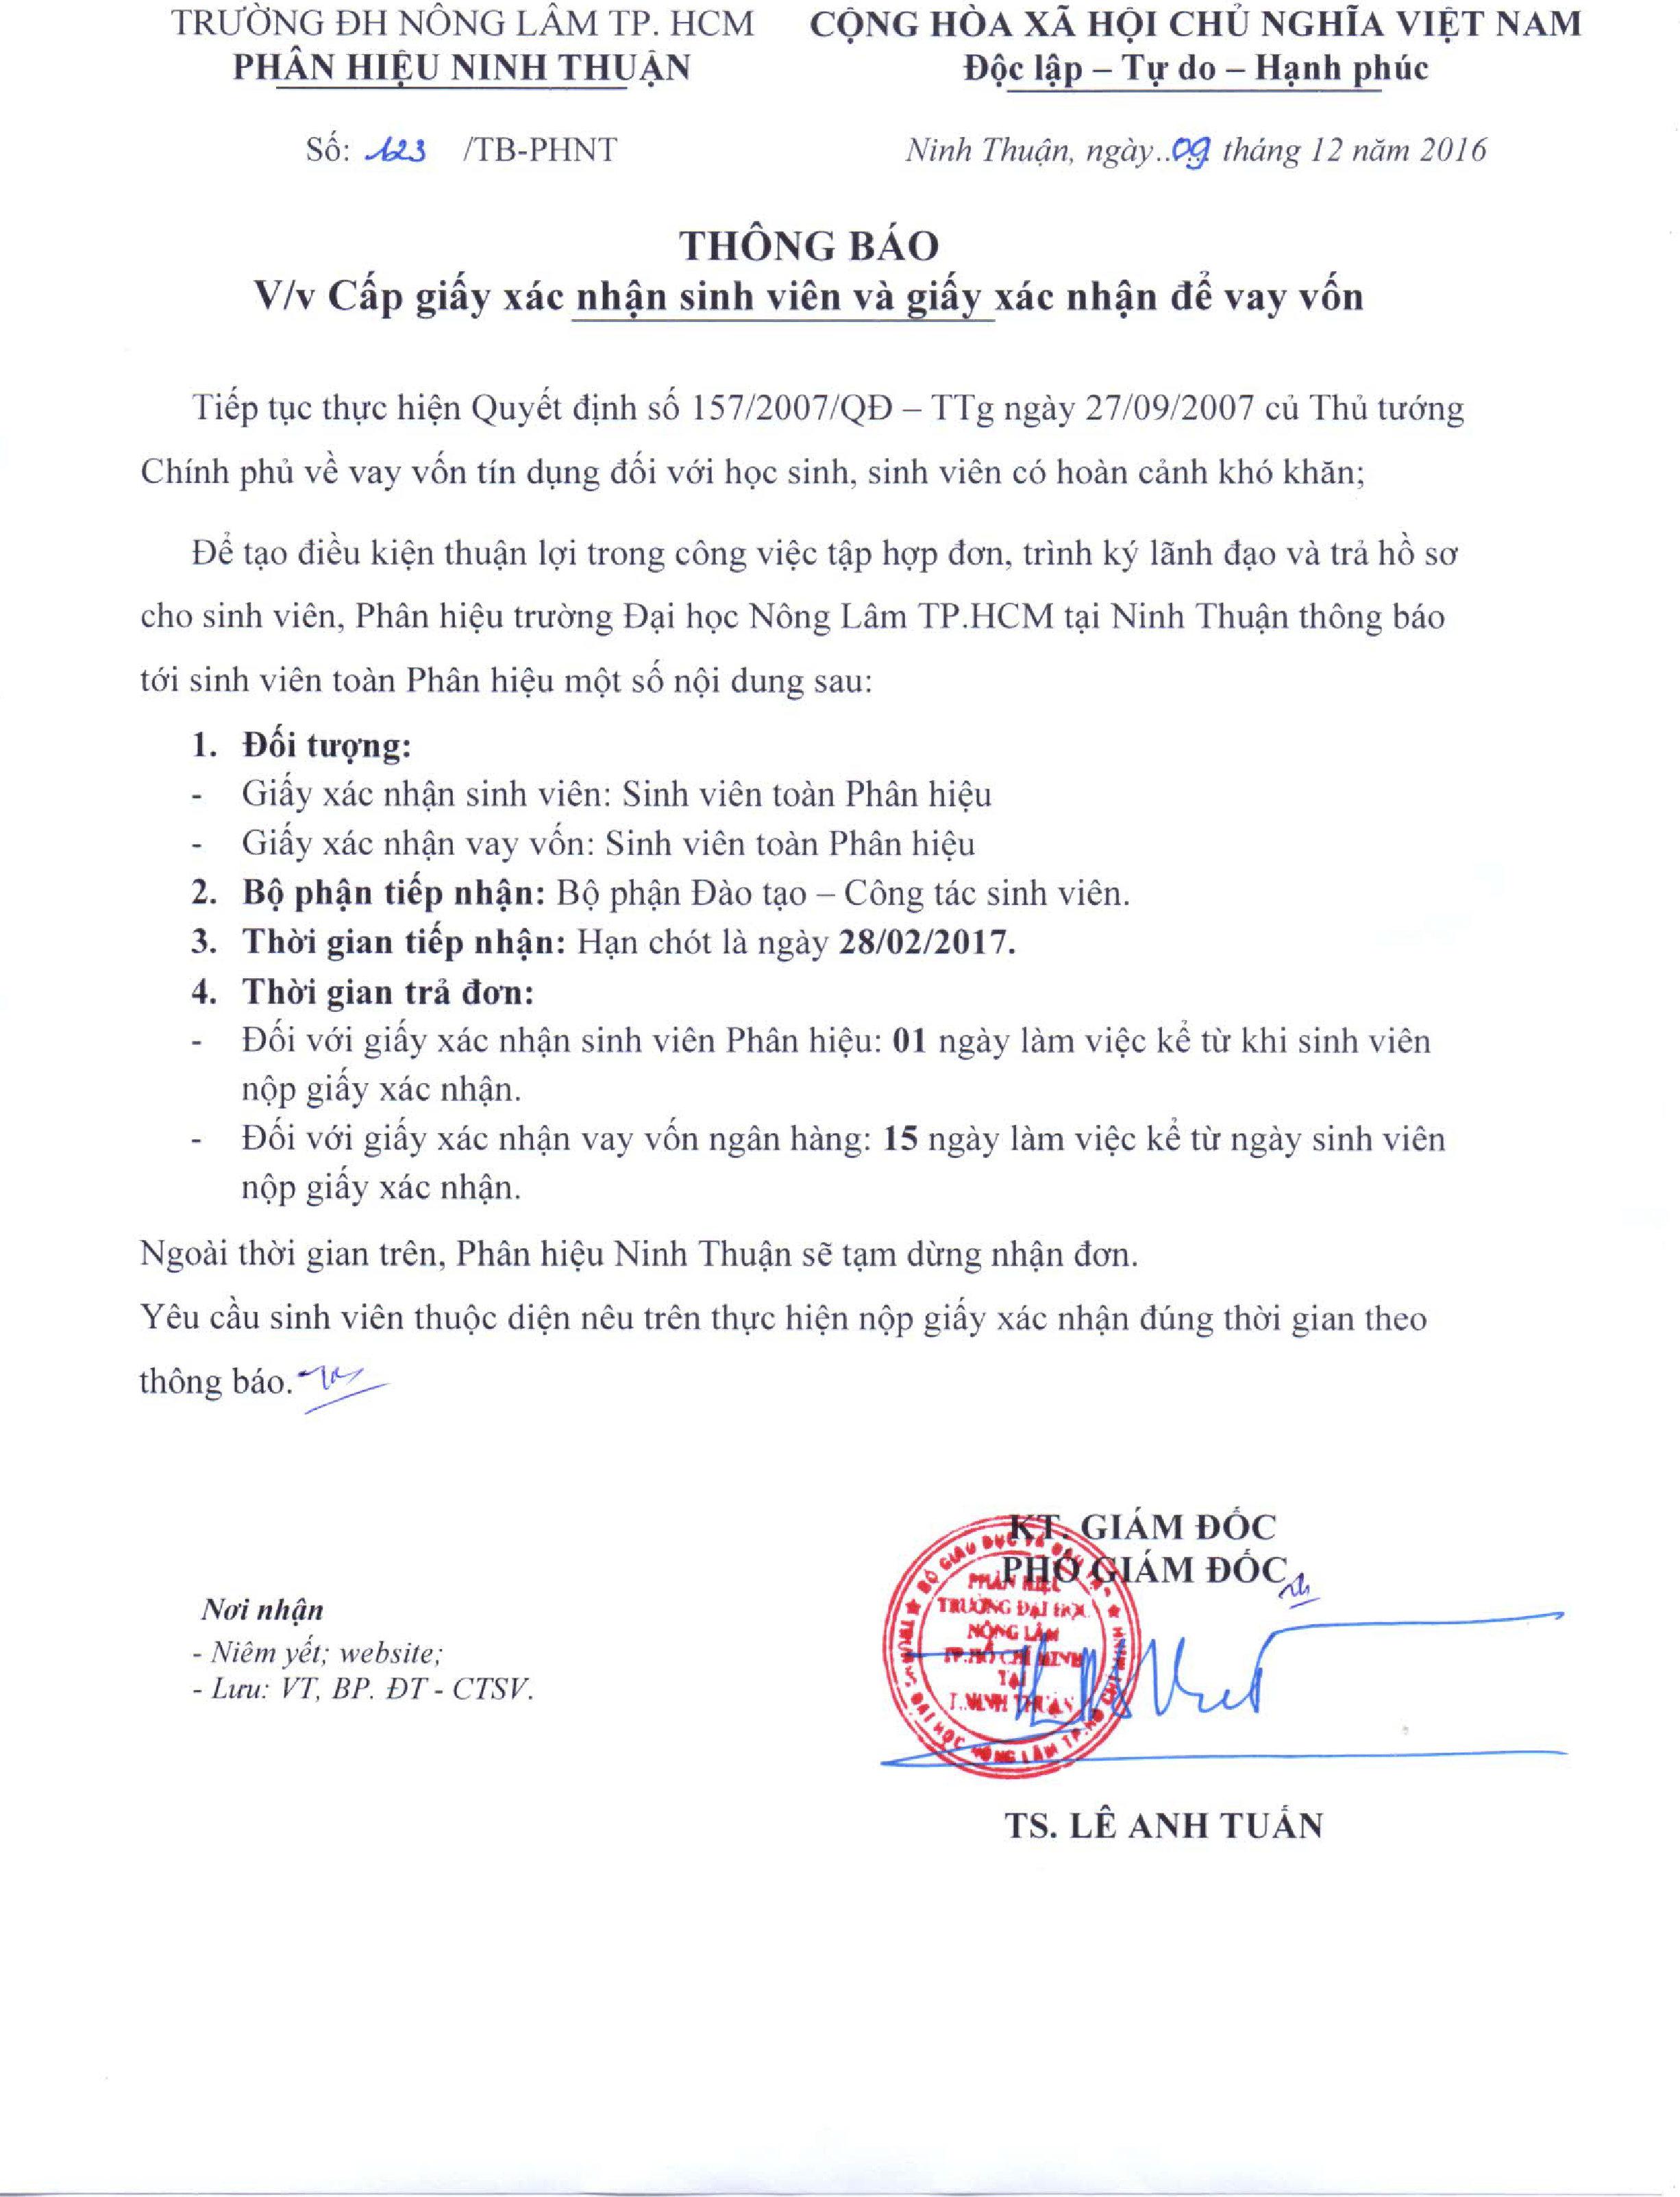 Phân Hiệu Đại Học Nông Lâm tại Ninh Thuận